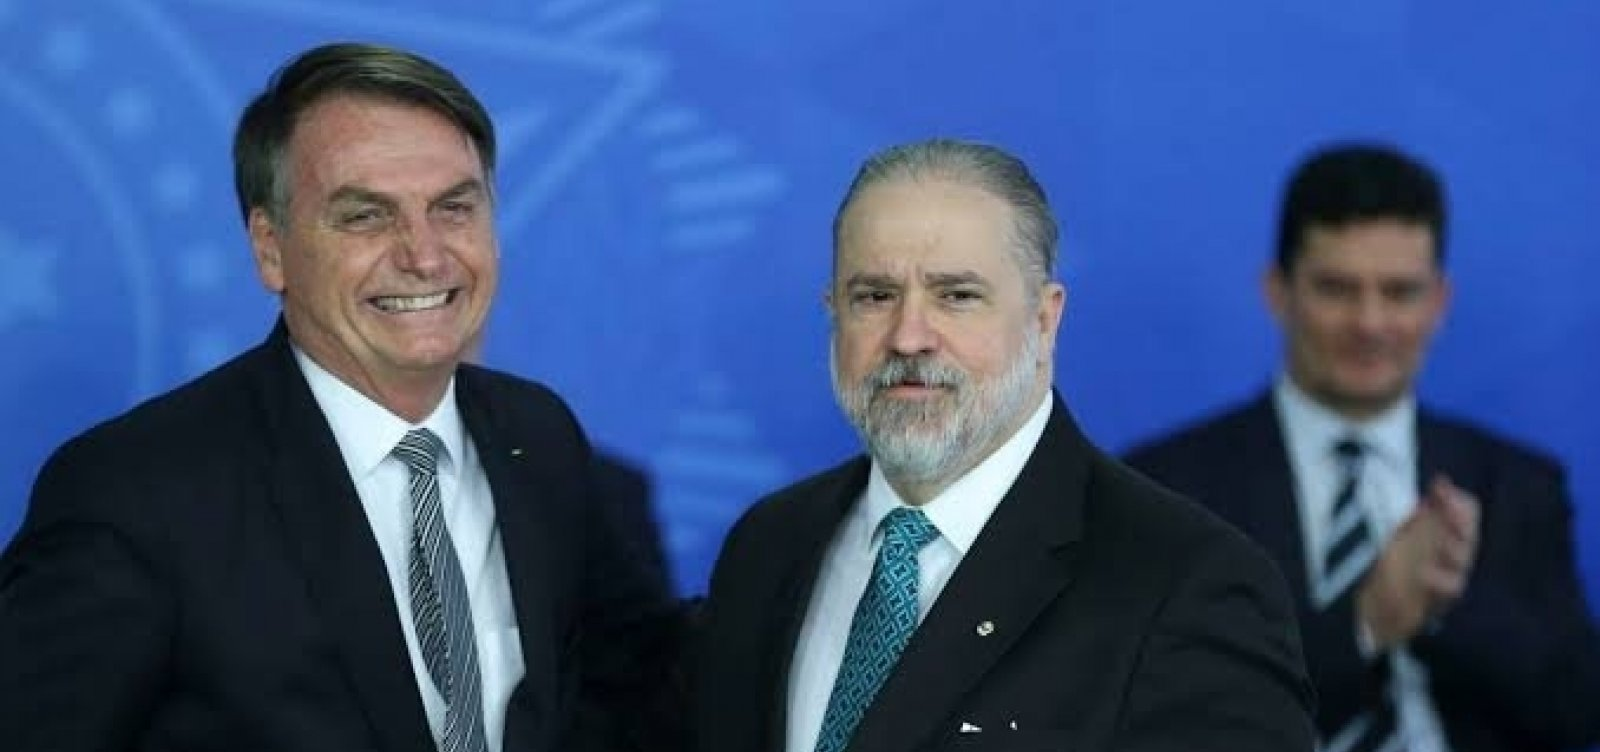 [Bolsonaro não cometeu crime ao acessar áudios de portaria, diz Aras]